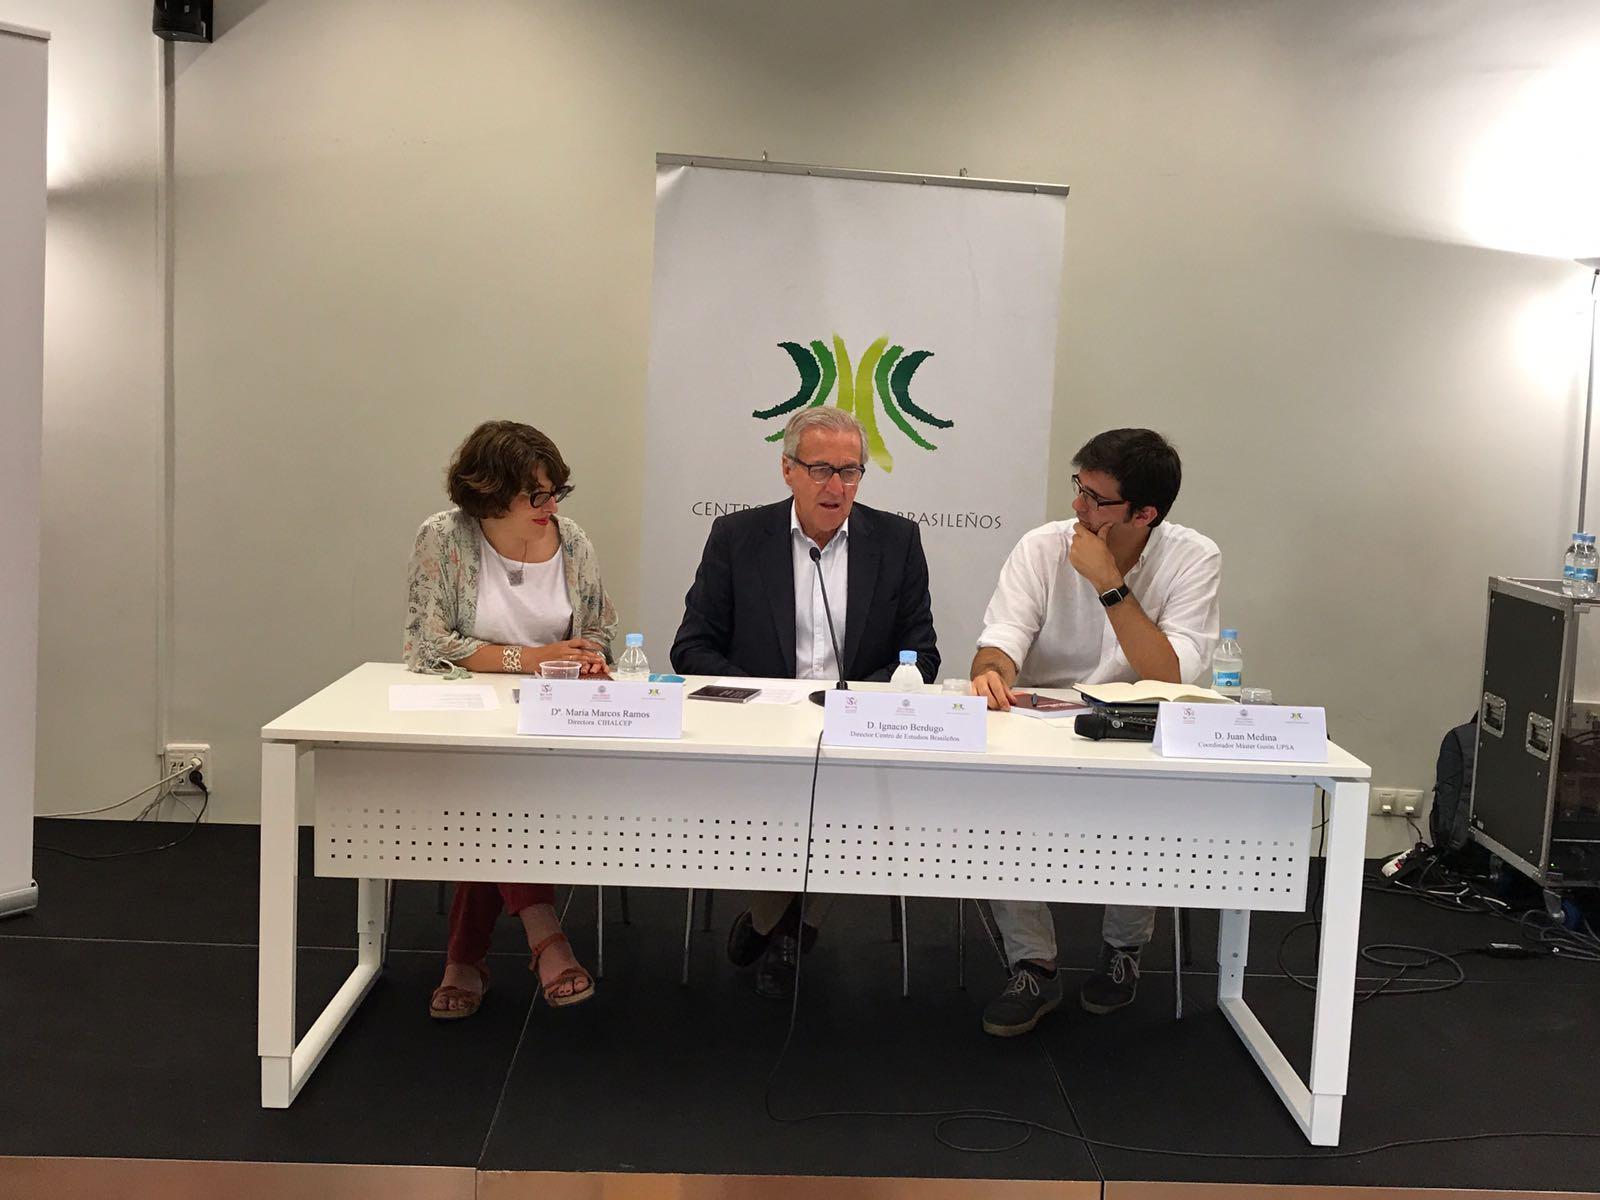 Rueda de prensa: El Centro de Estudios Brasileños de la Universidad de Salamanca organiza la IV edición del Congreso Internacional de Historia, Literatura y Arte en el Cine en Español y Portugués